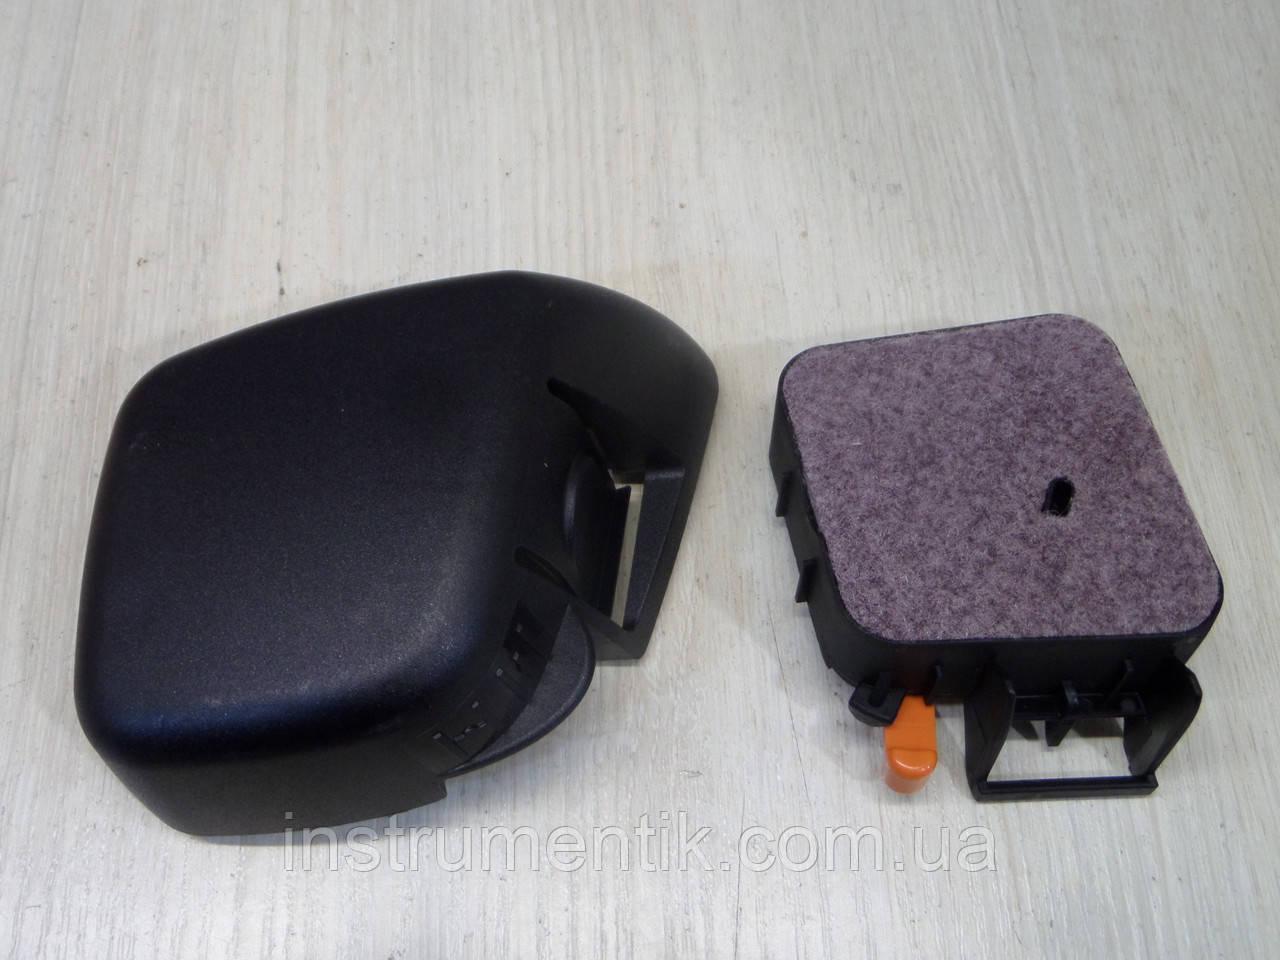 Воздушный фильтр Winzor в сборе для мотокосы Stihl FS 55